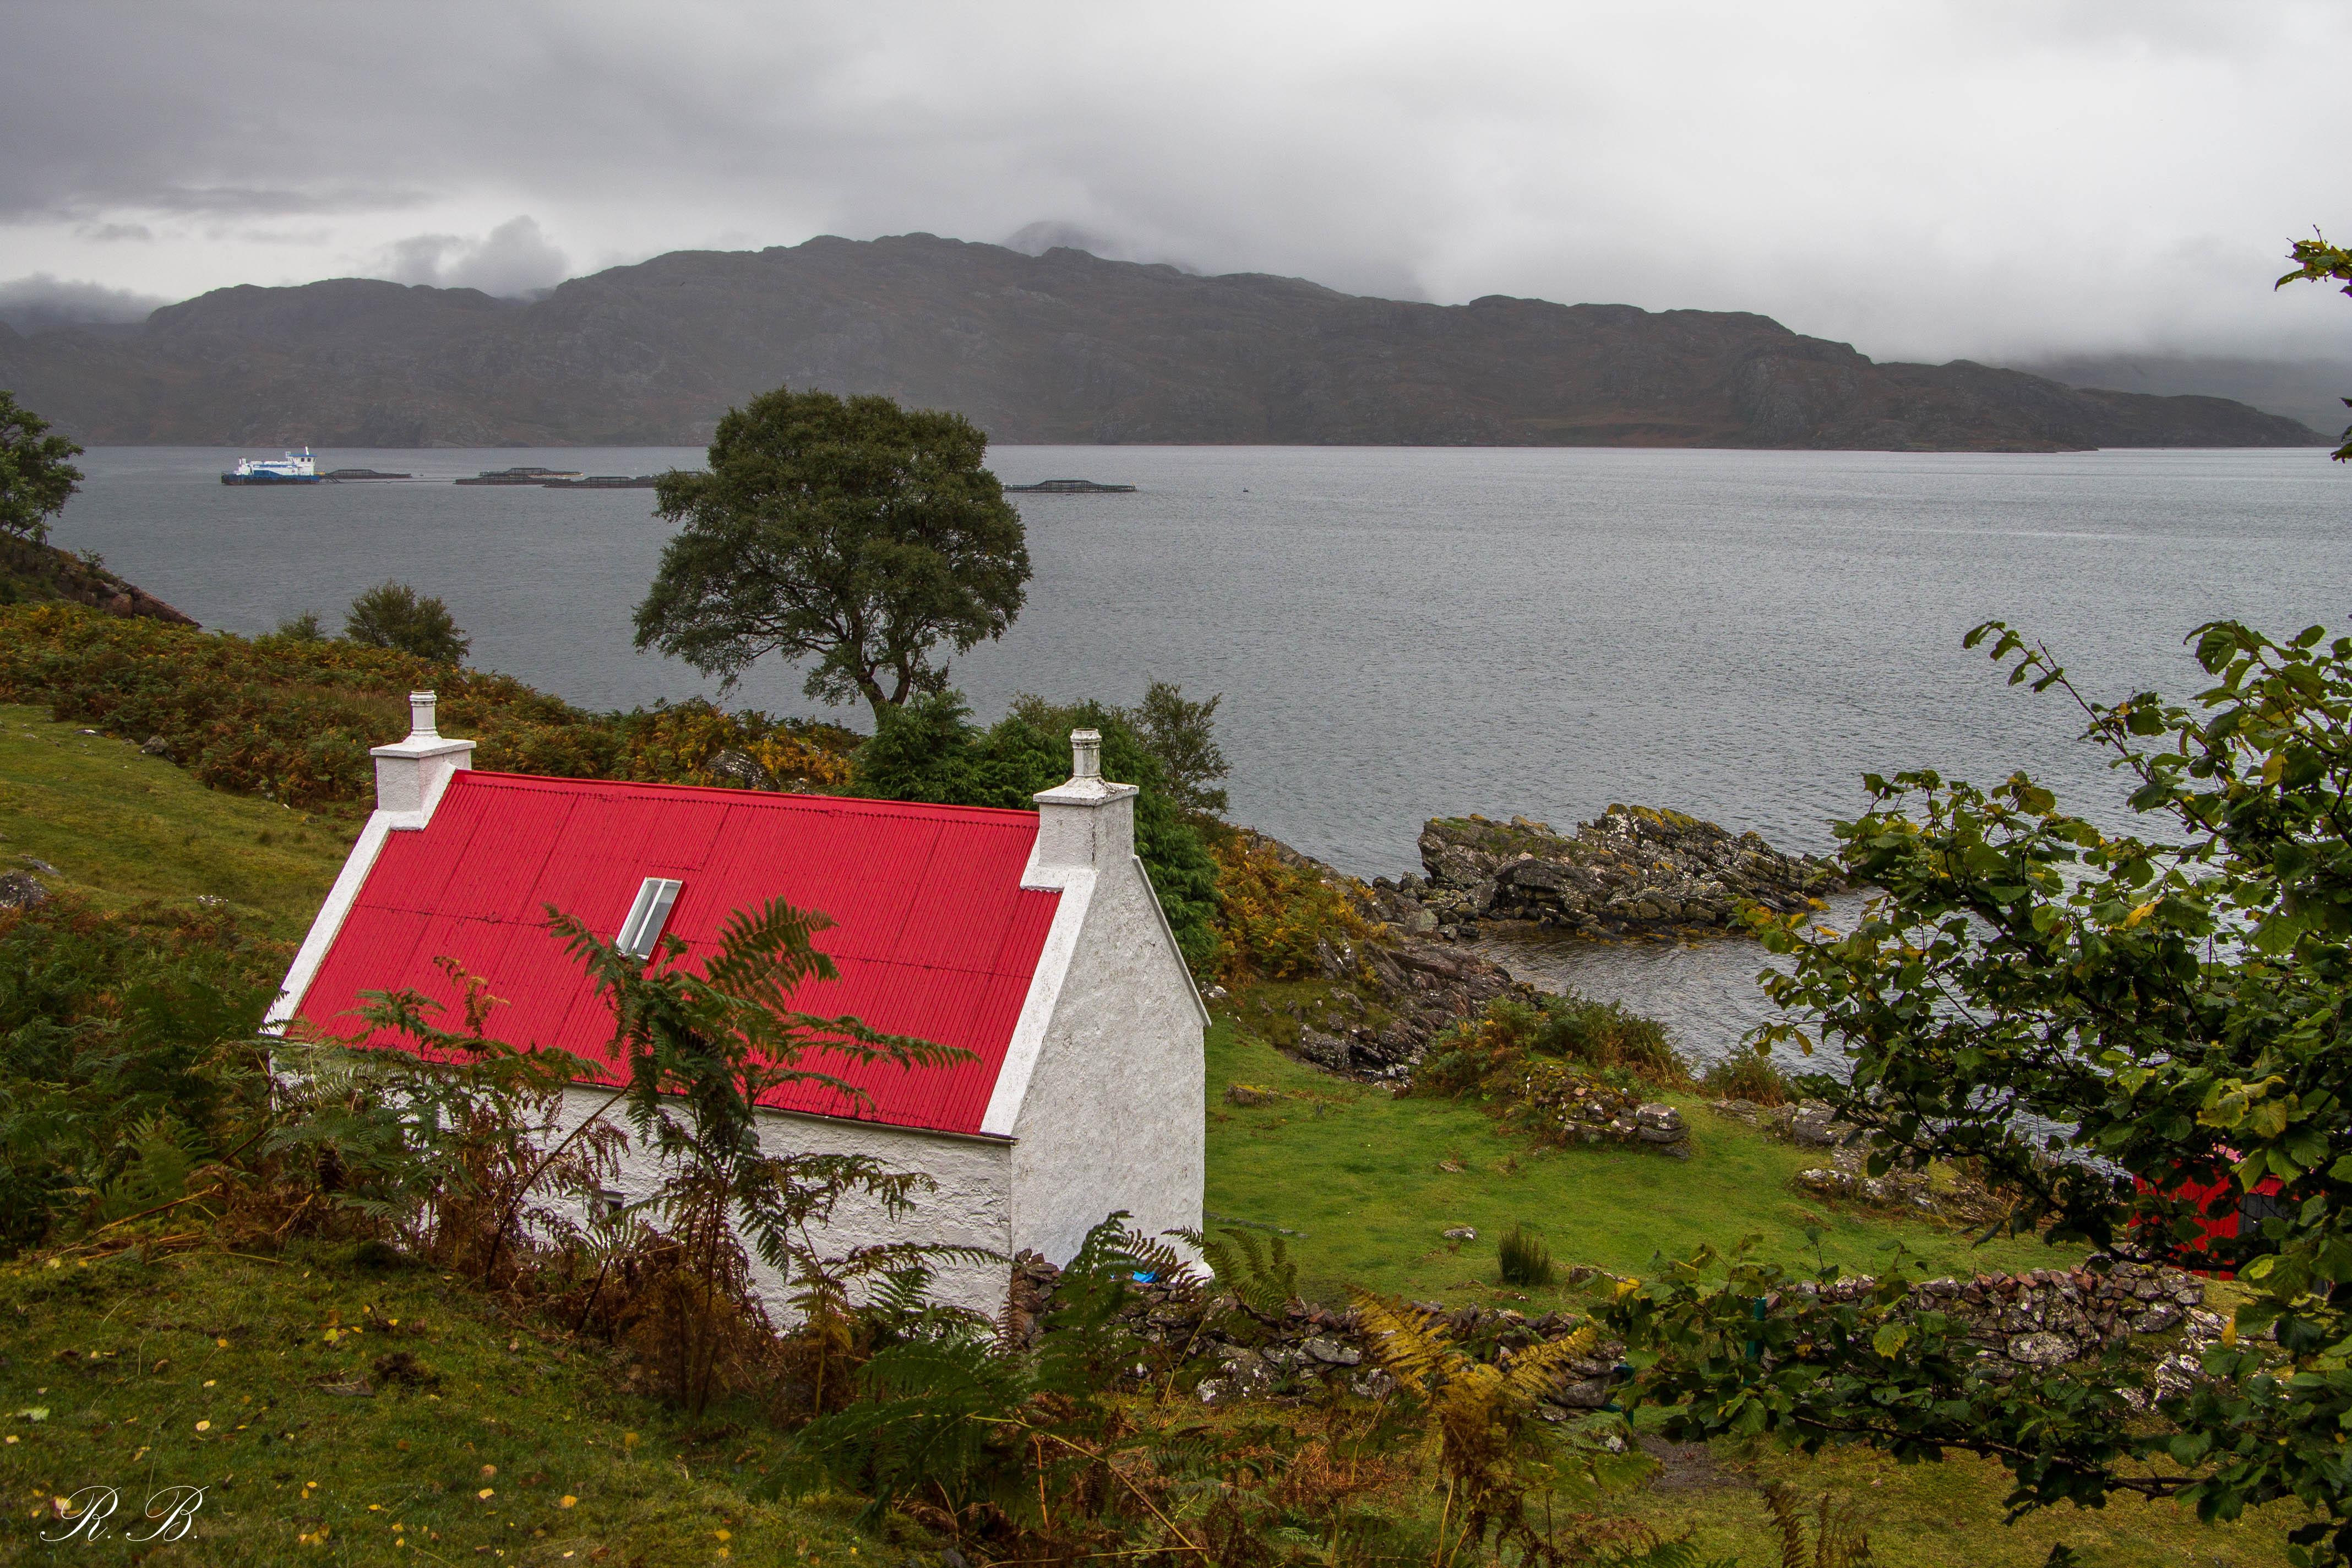 Il Red Roof Cottage, una classica immagine da Shieldaig